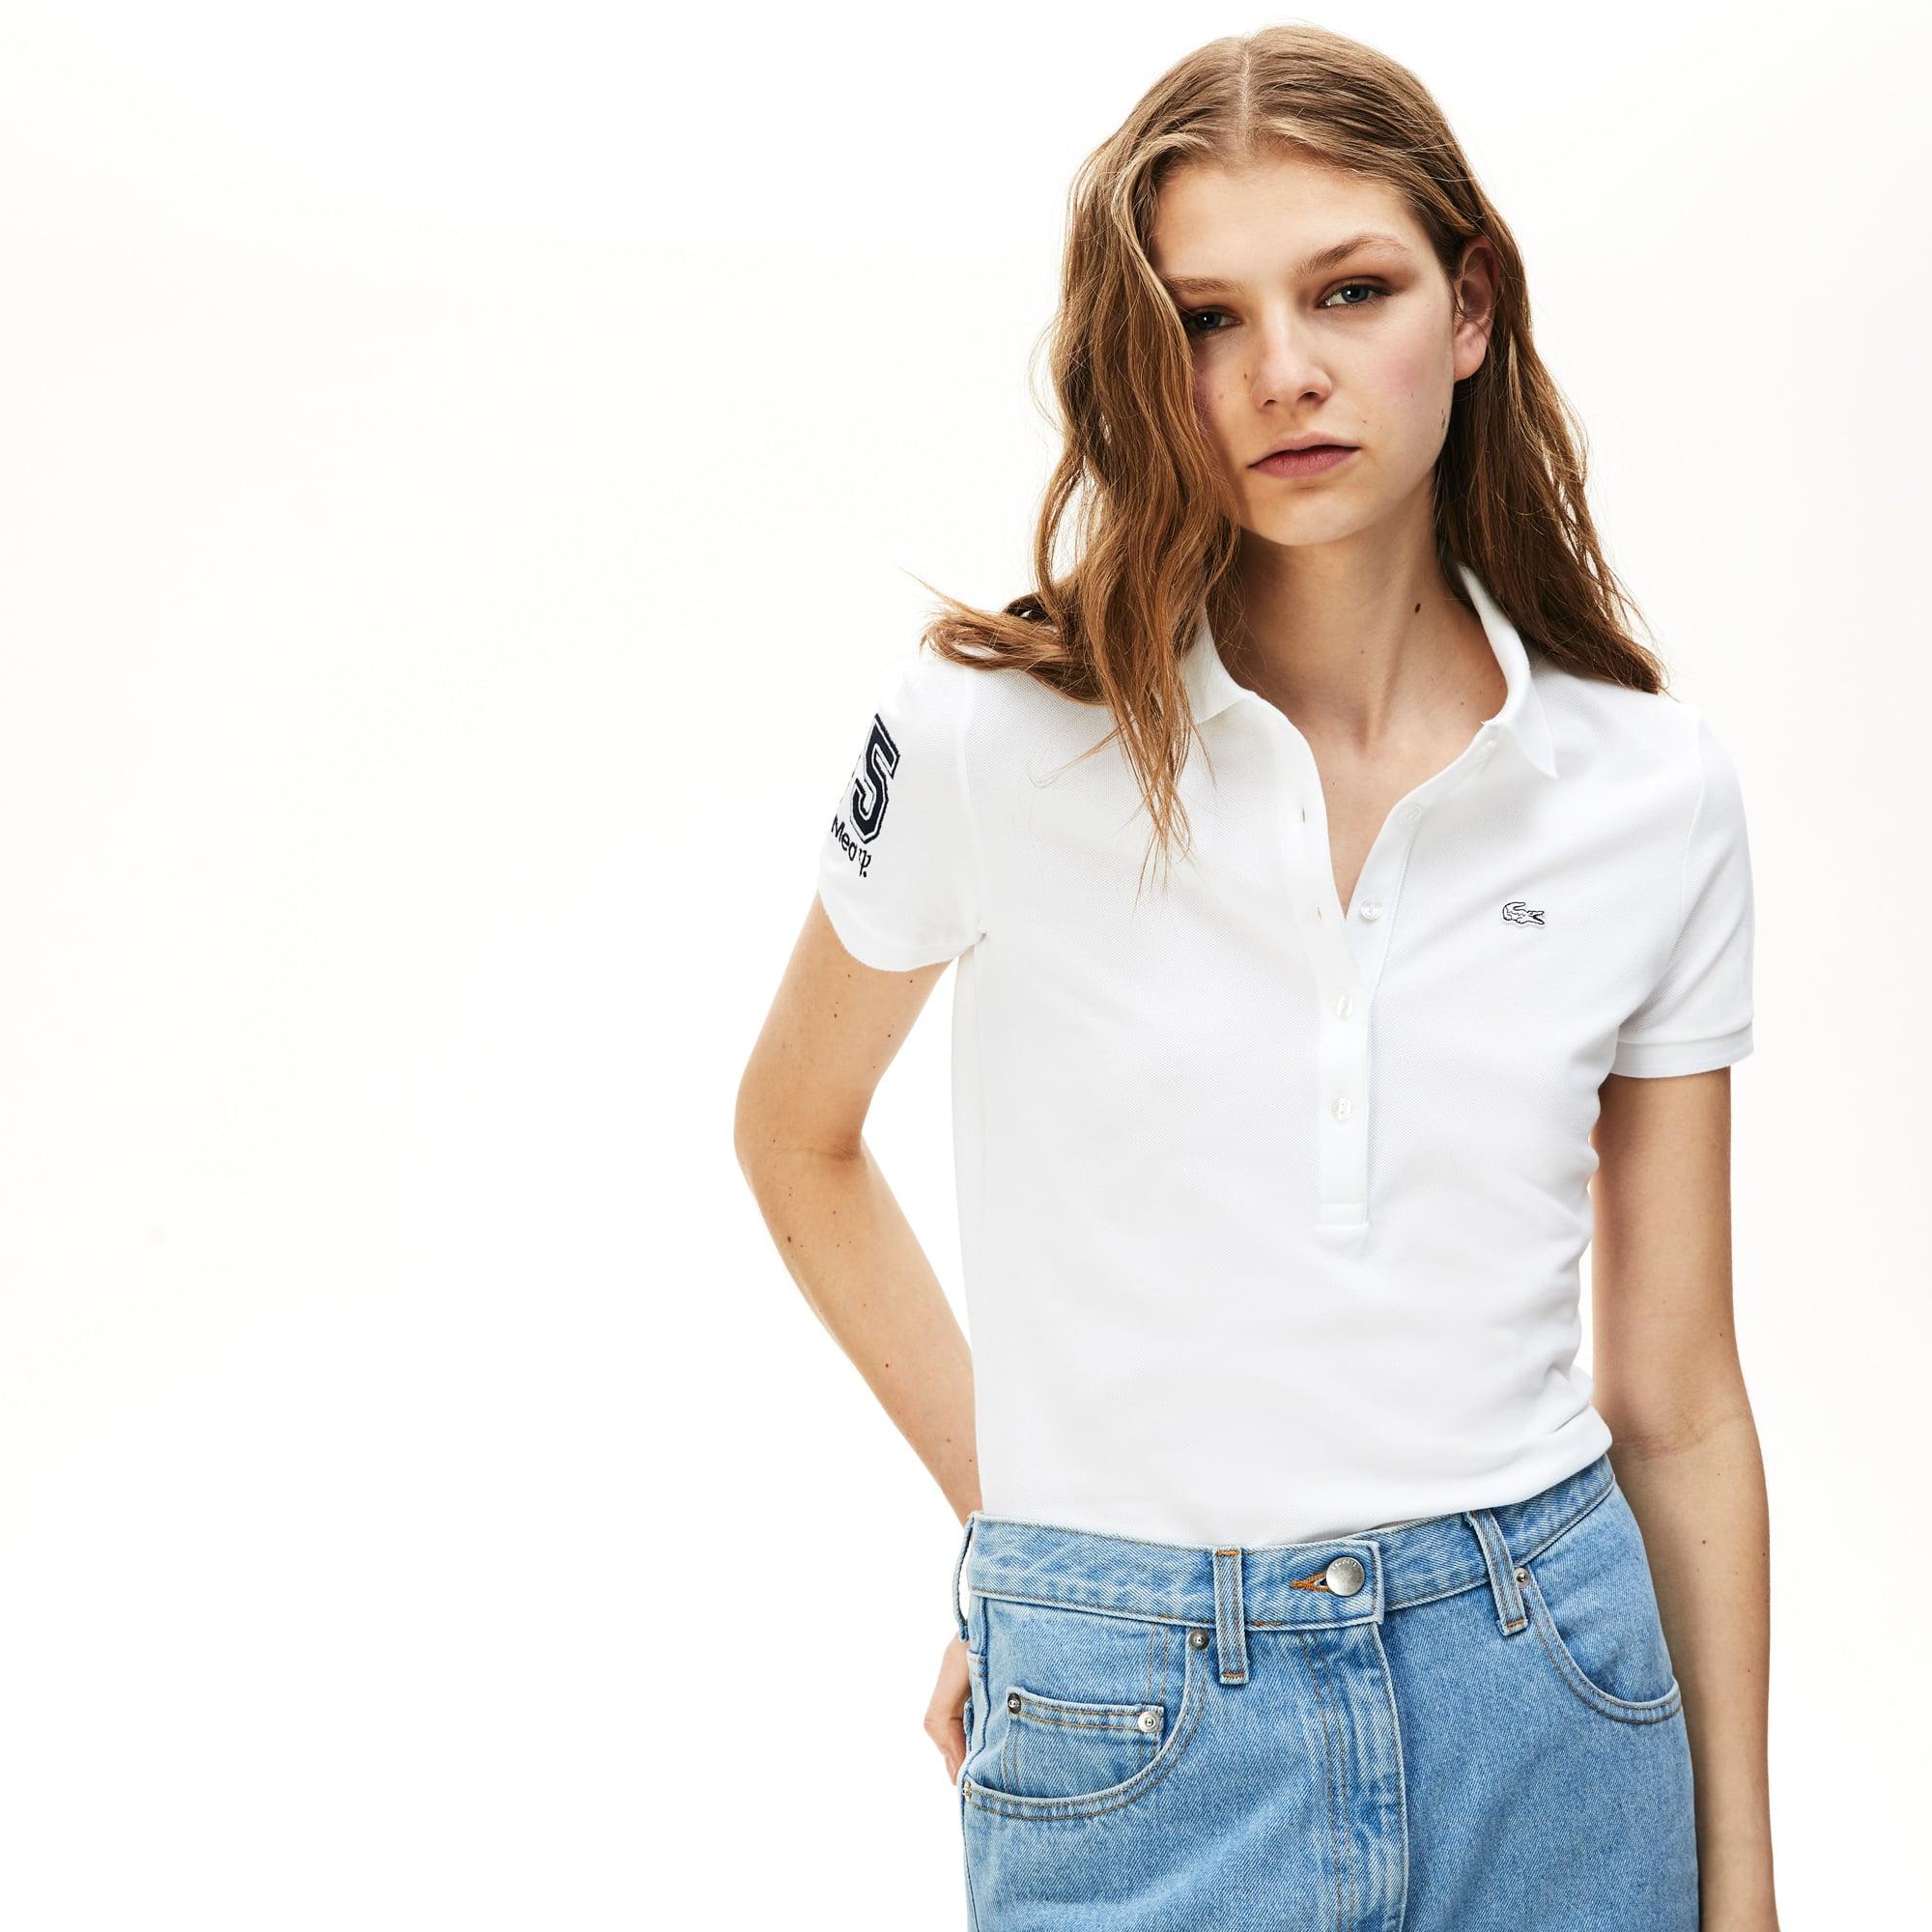 8ef98c8c452a2 Women s Lacoste Slim Fit Stretch Mini Piqué Polo Shirt · + 3 colors